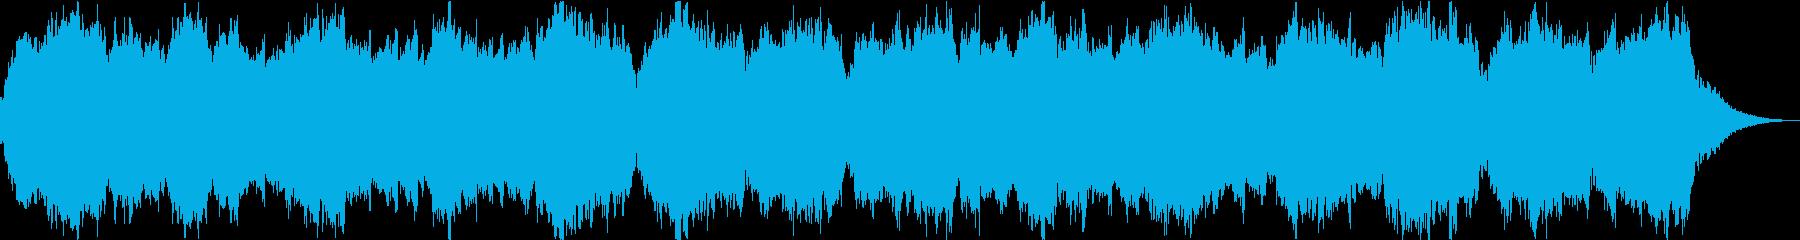 自然の神秘・クリアな音のアンビエントの再生済みの波形